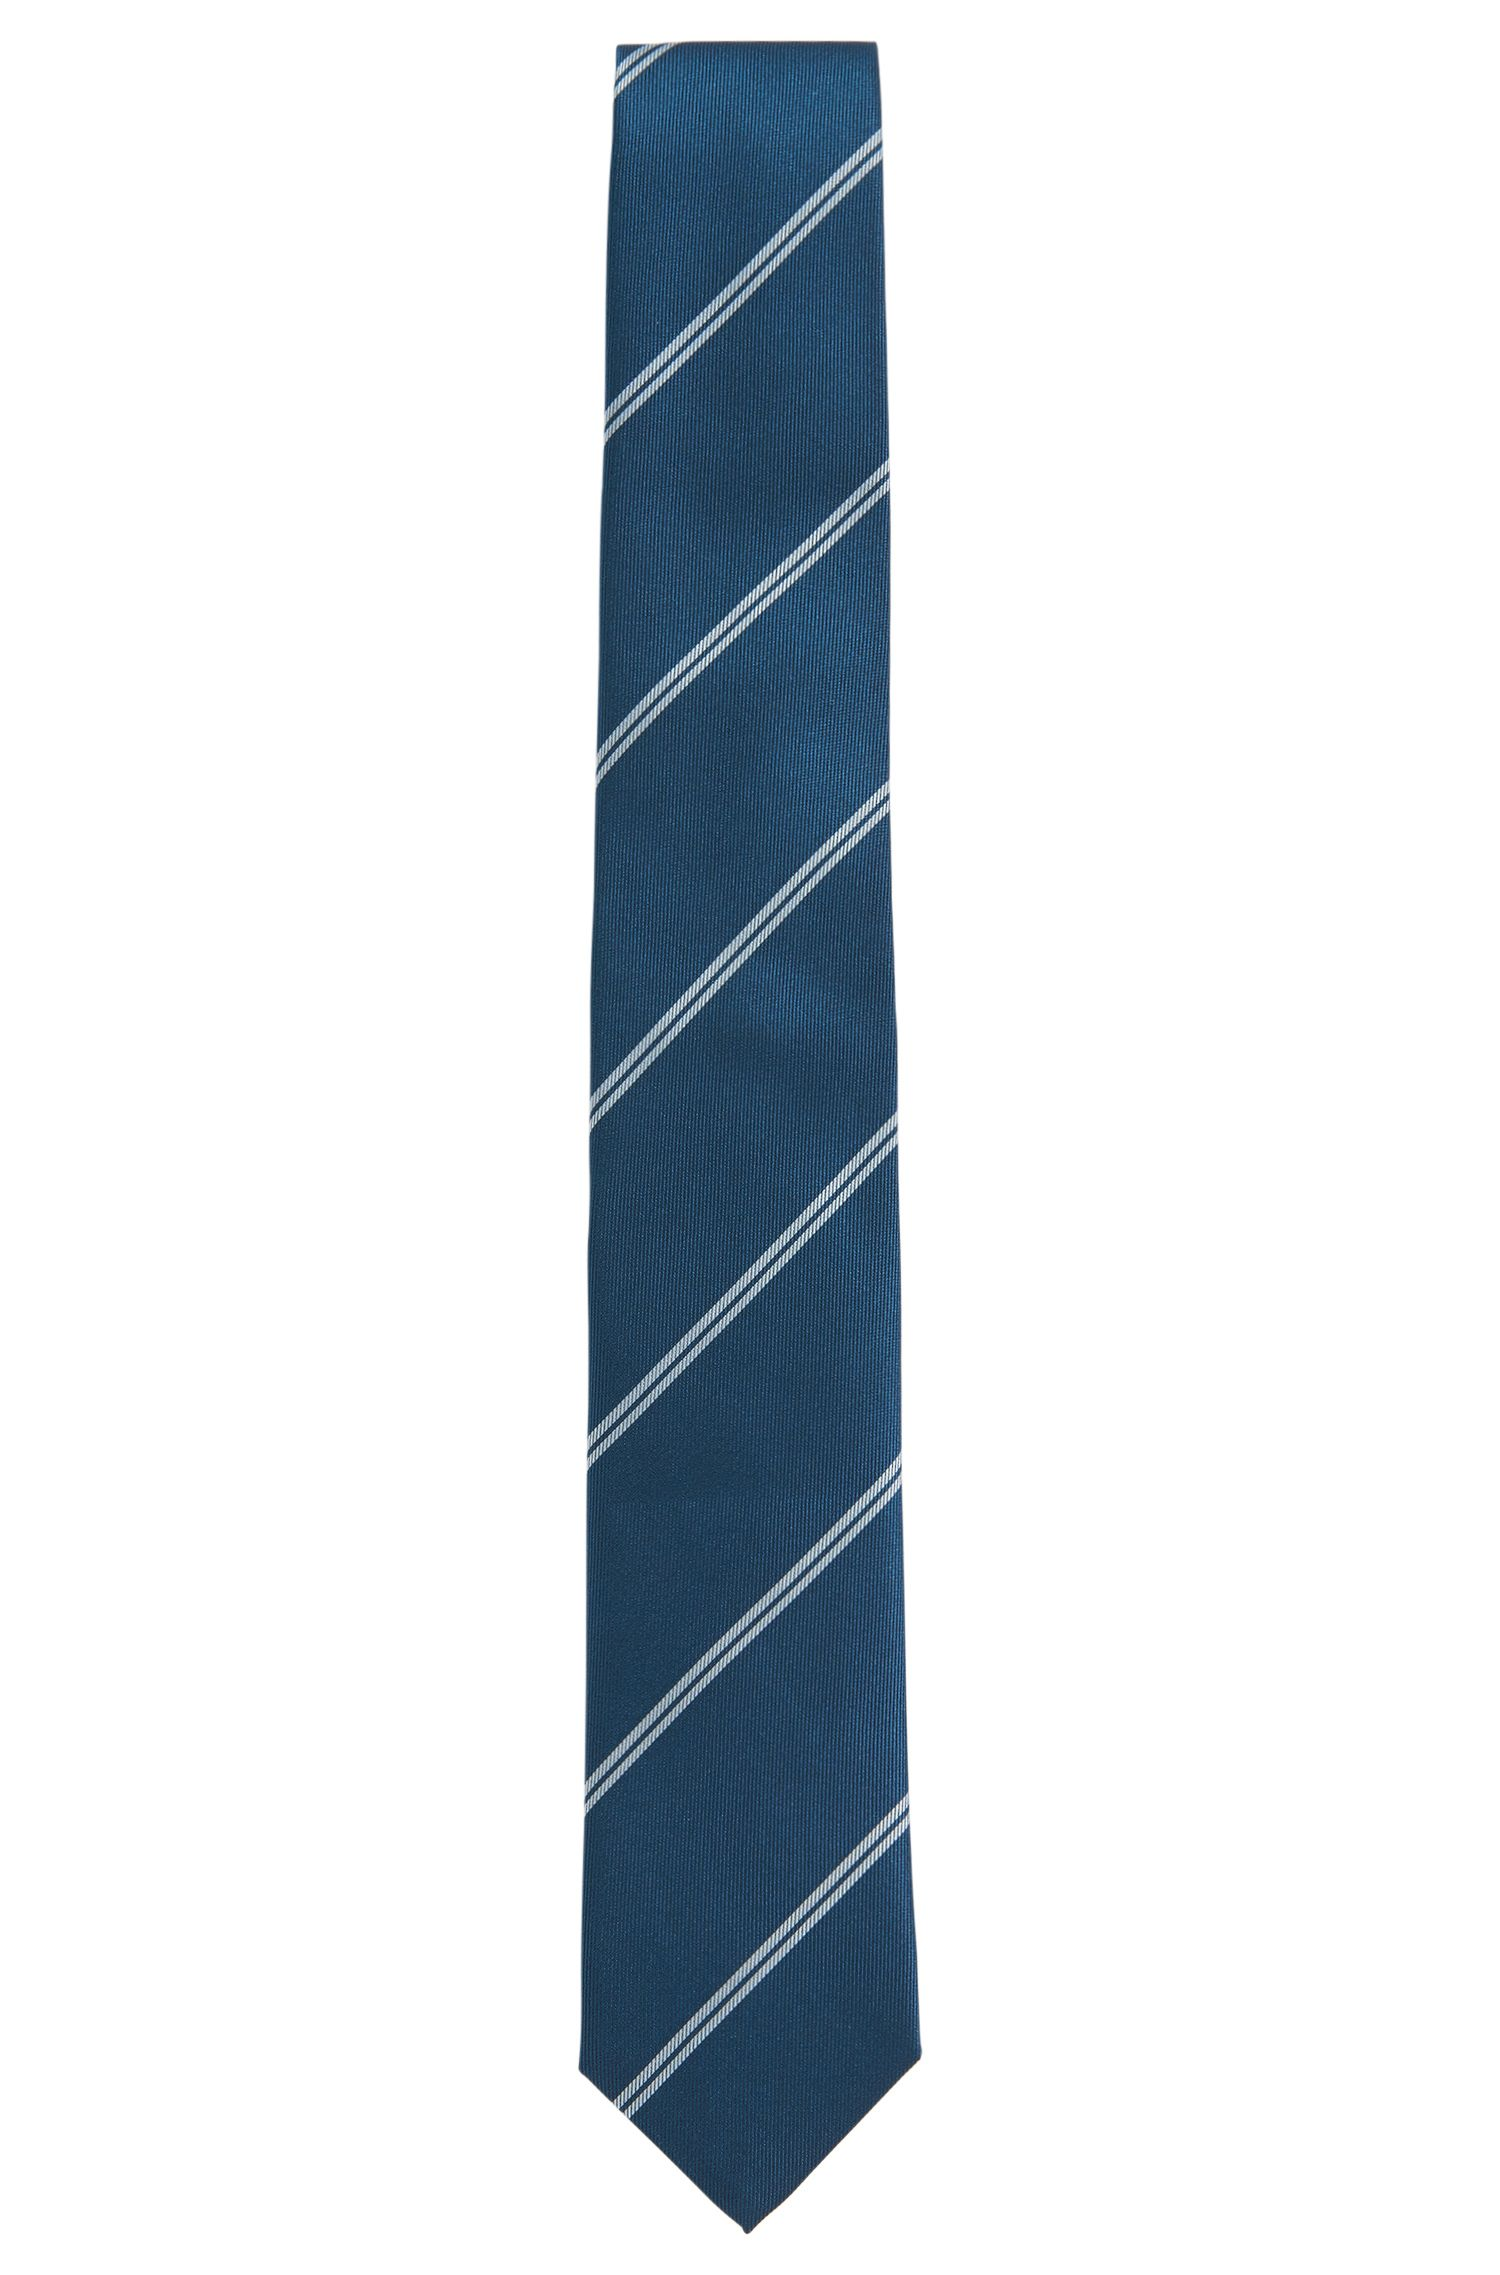 Gestreifte Krawatte aus reiner Seide: 'T-Tie 6 cm'